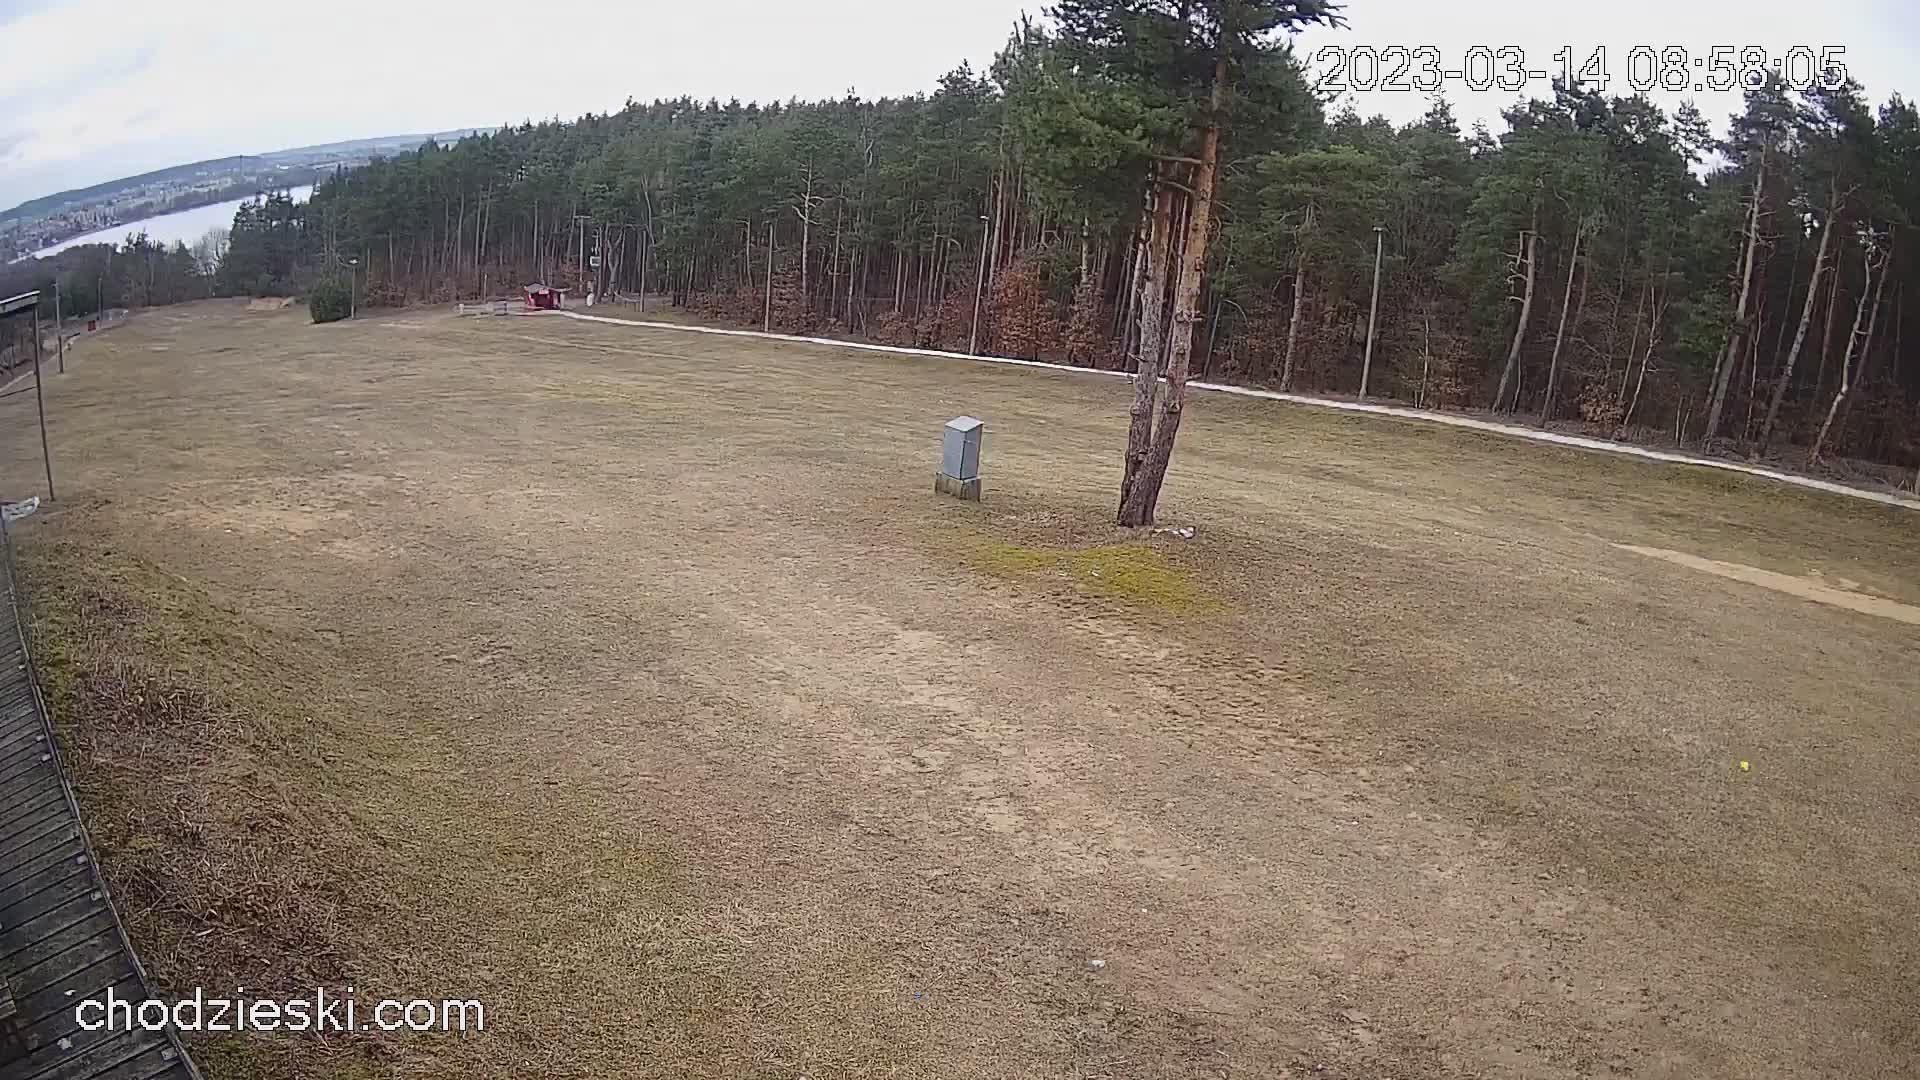 Webcam Chodzież: Ski slope